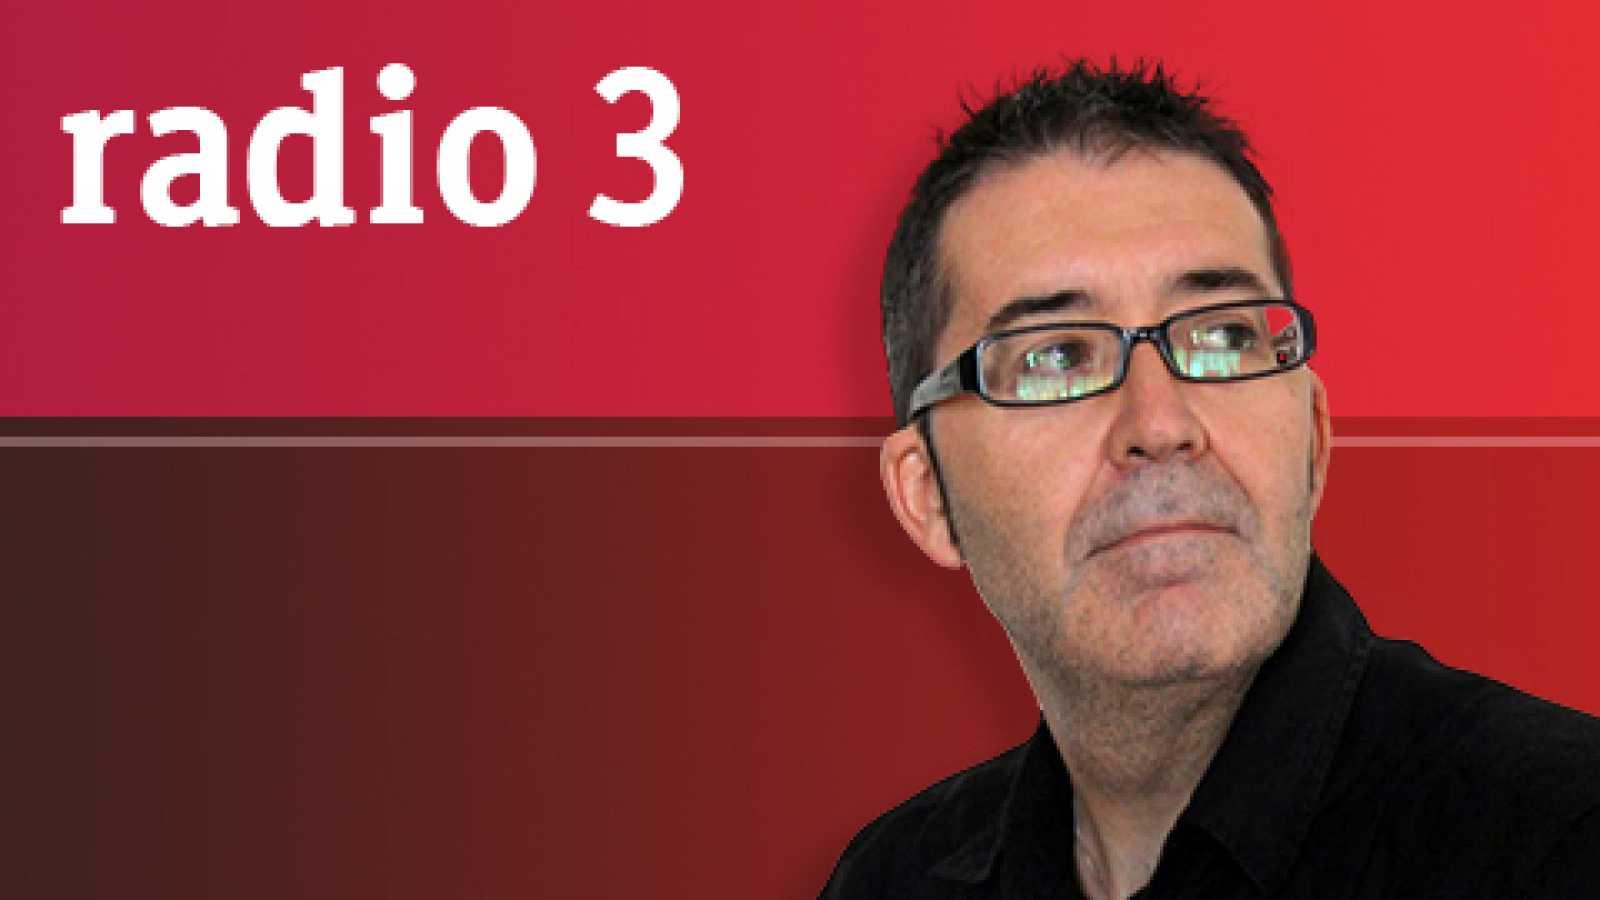 Placeres mundanos - Carlos Moreno, Evboca cocina en miniatura - 13/01/13 - escuchar ahora